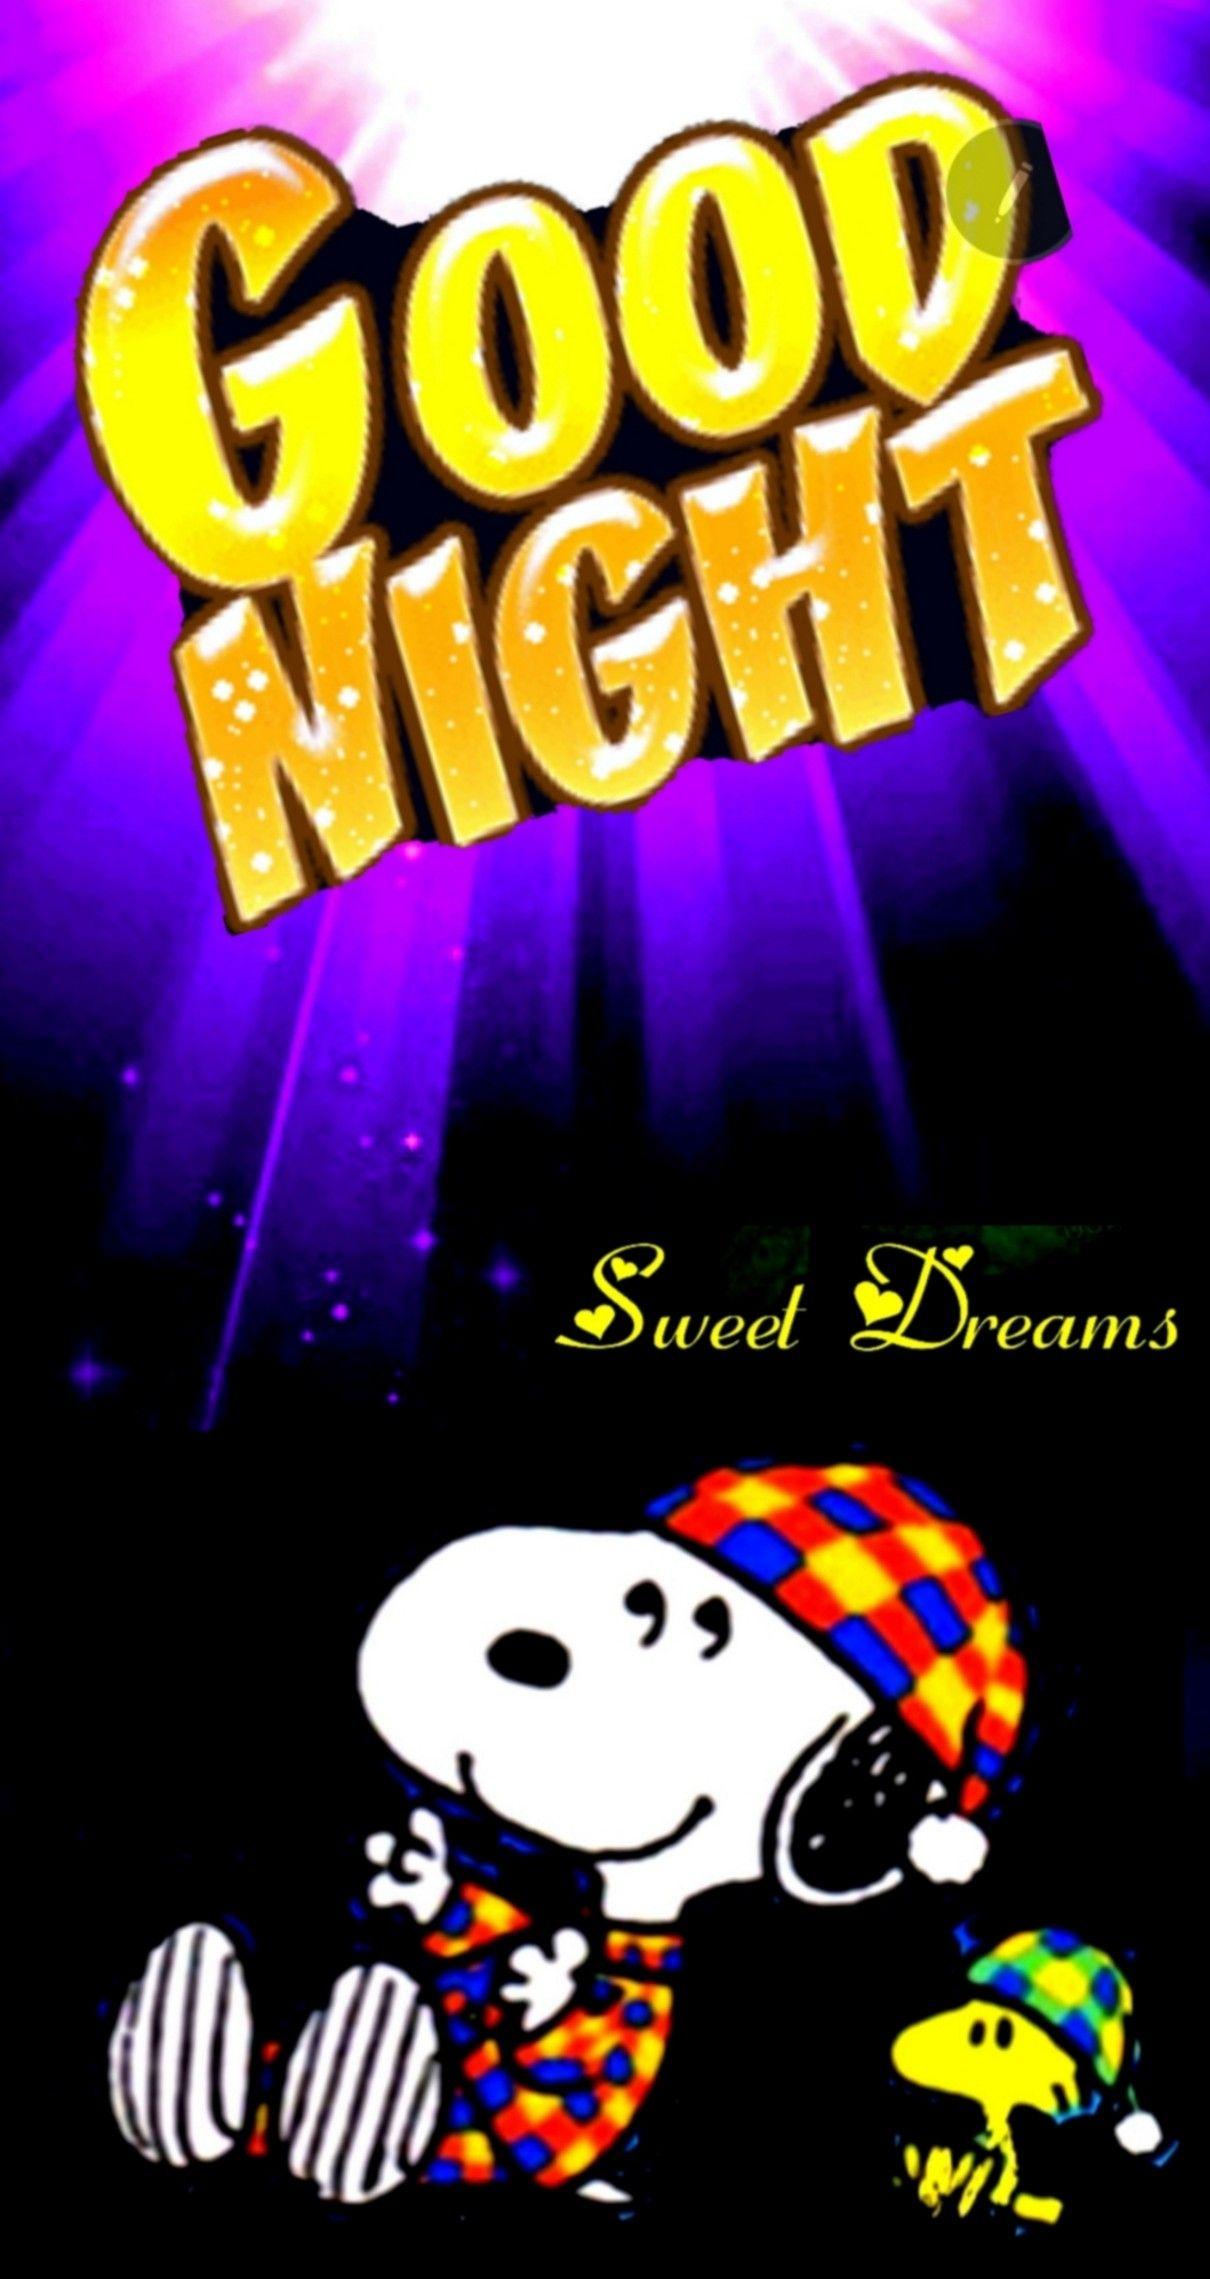 スヌーピー Good Night Snoopy Images Snoopy Funny Snoopy